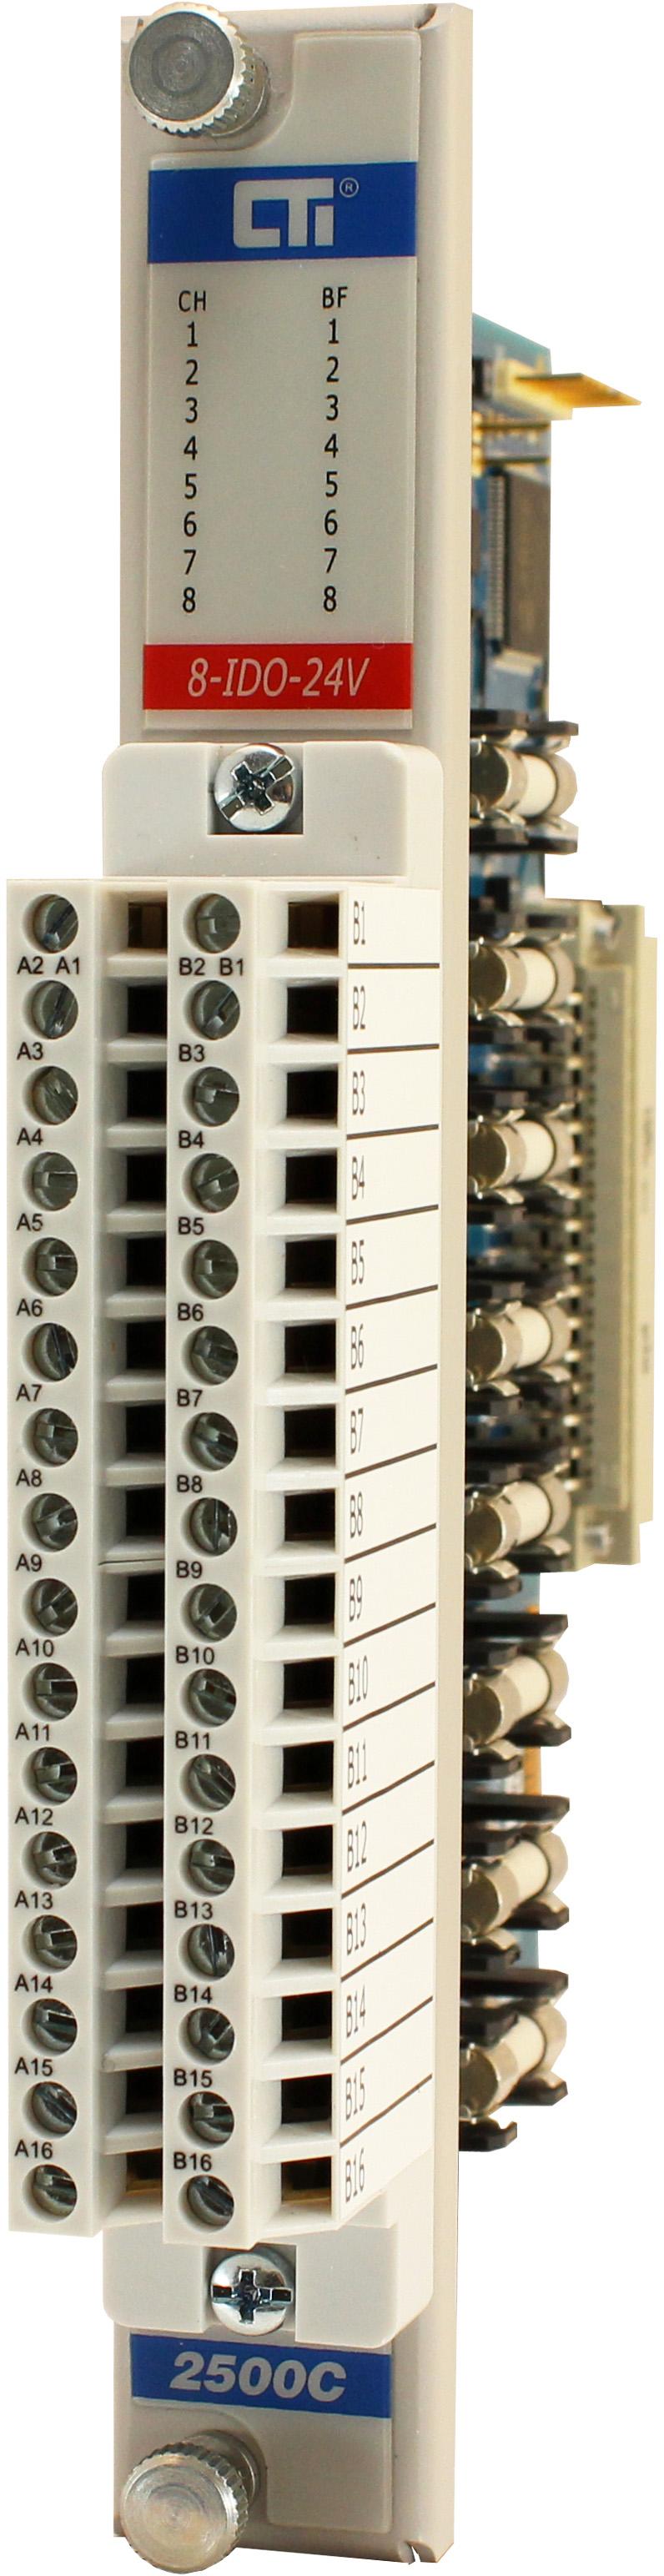 2500C-8-IDO-24V